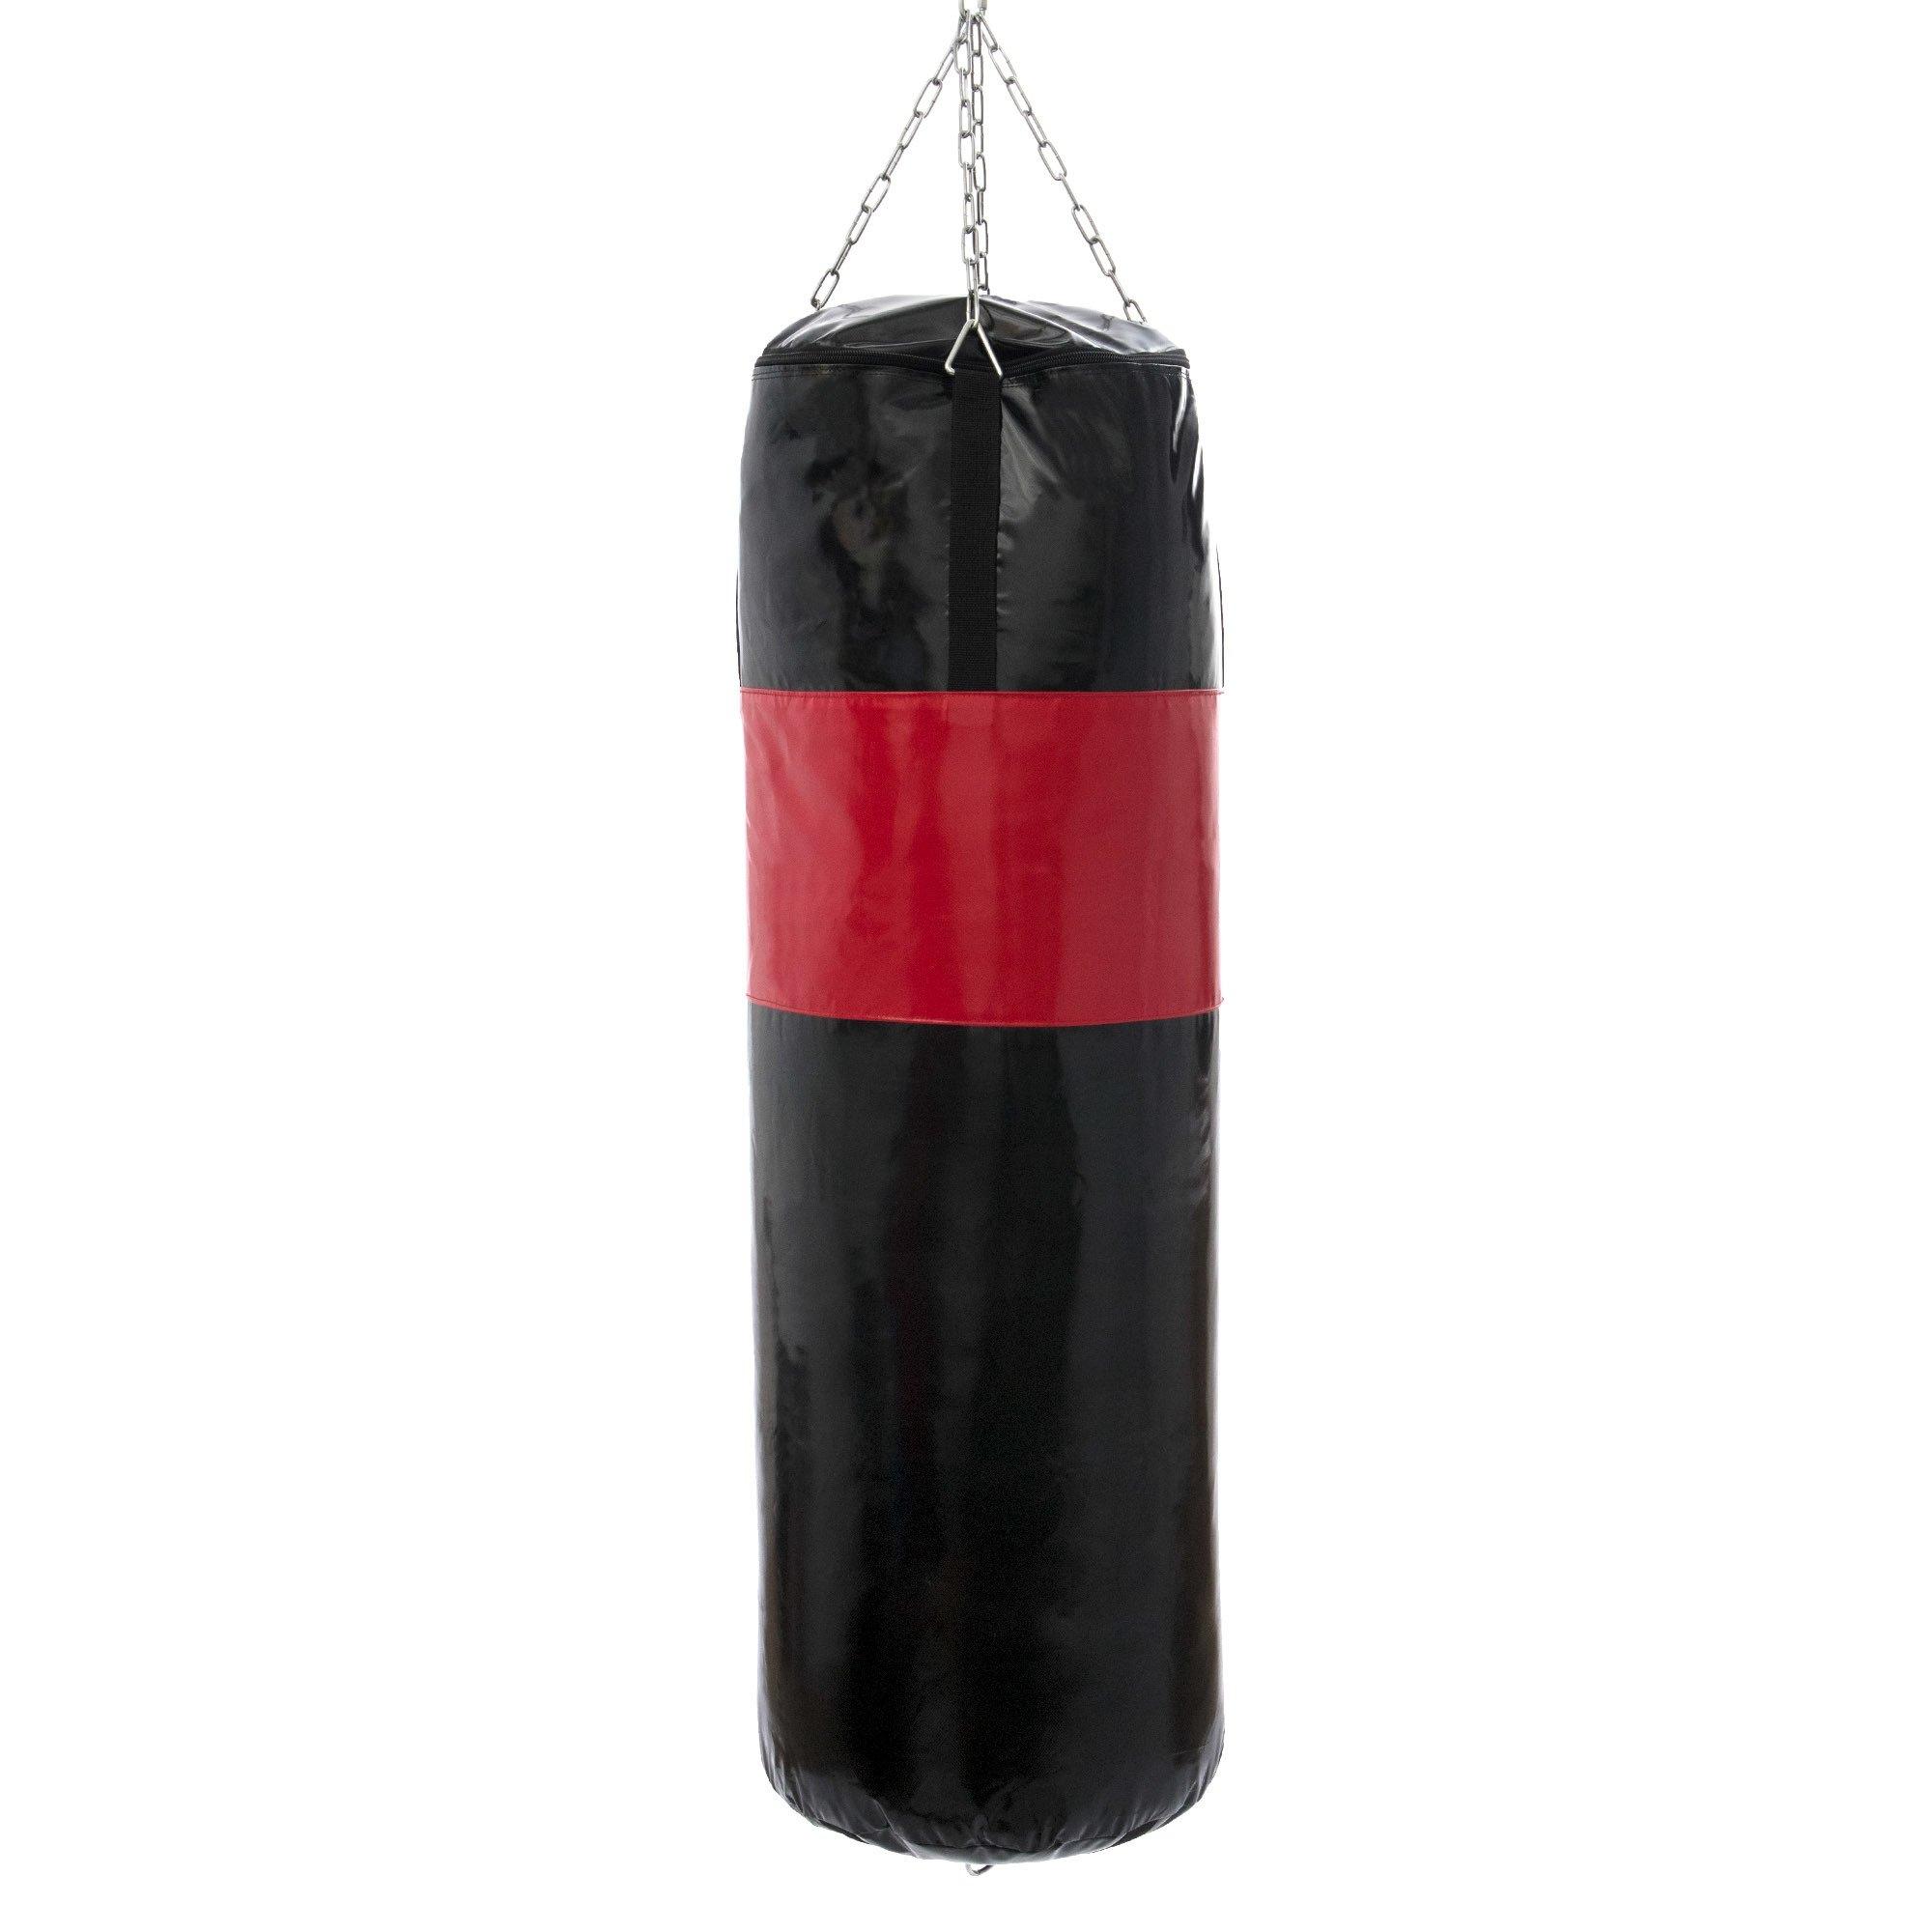 Image of Worek bokserski wzmocniony 150 cm fi45 cm + torpeda mc-w150|45-ex - marbo sport